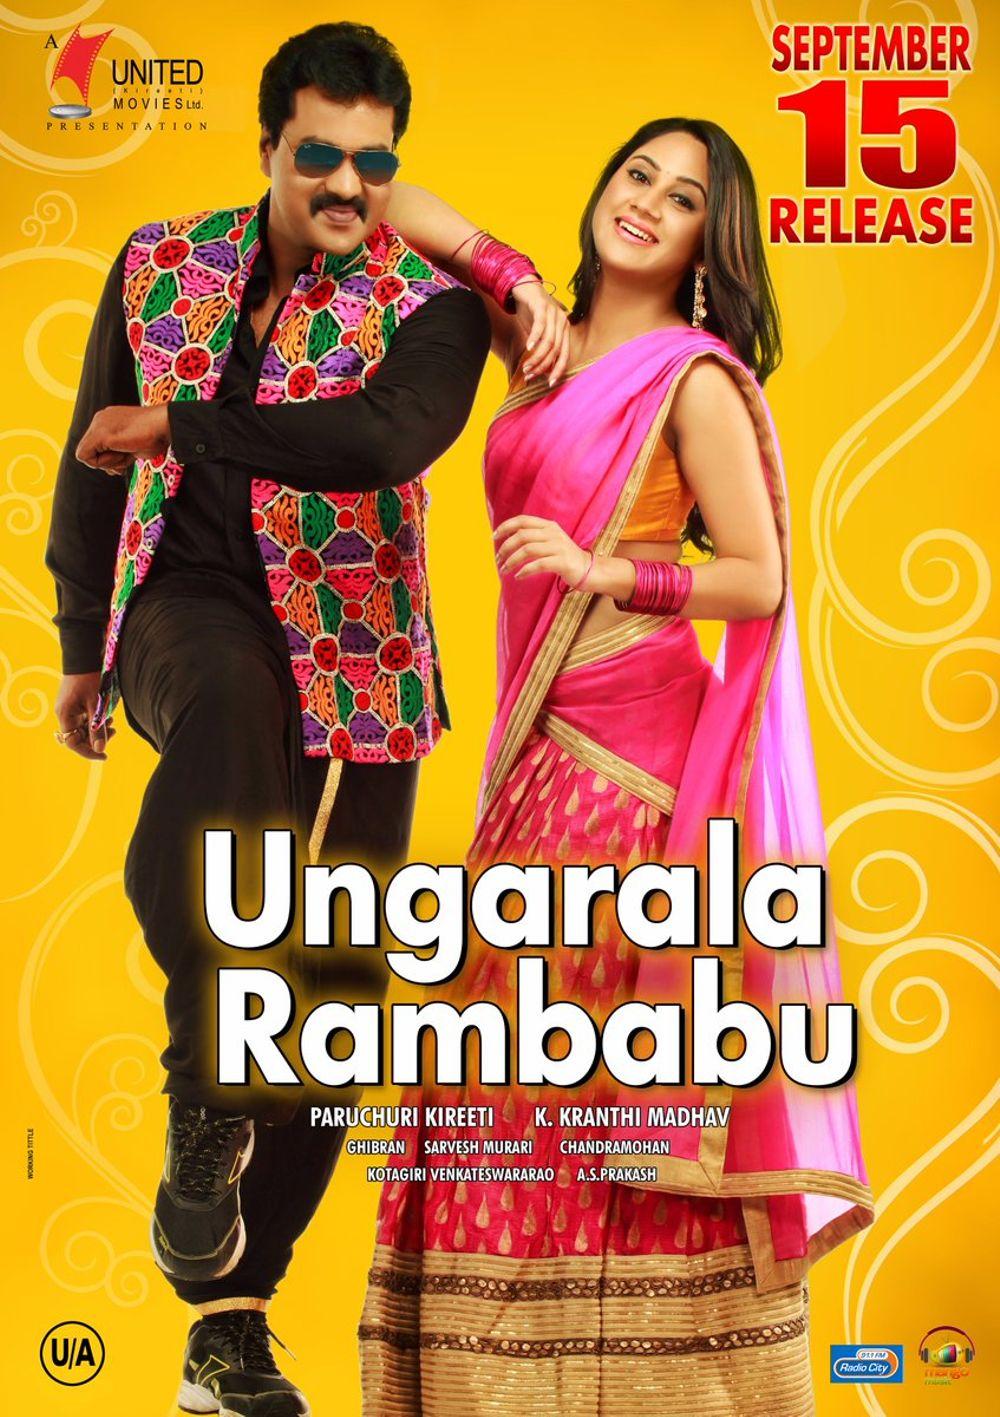 Ungarala Rambabu Movie Review Telugu Movie Review